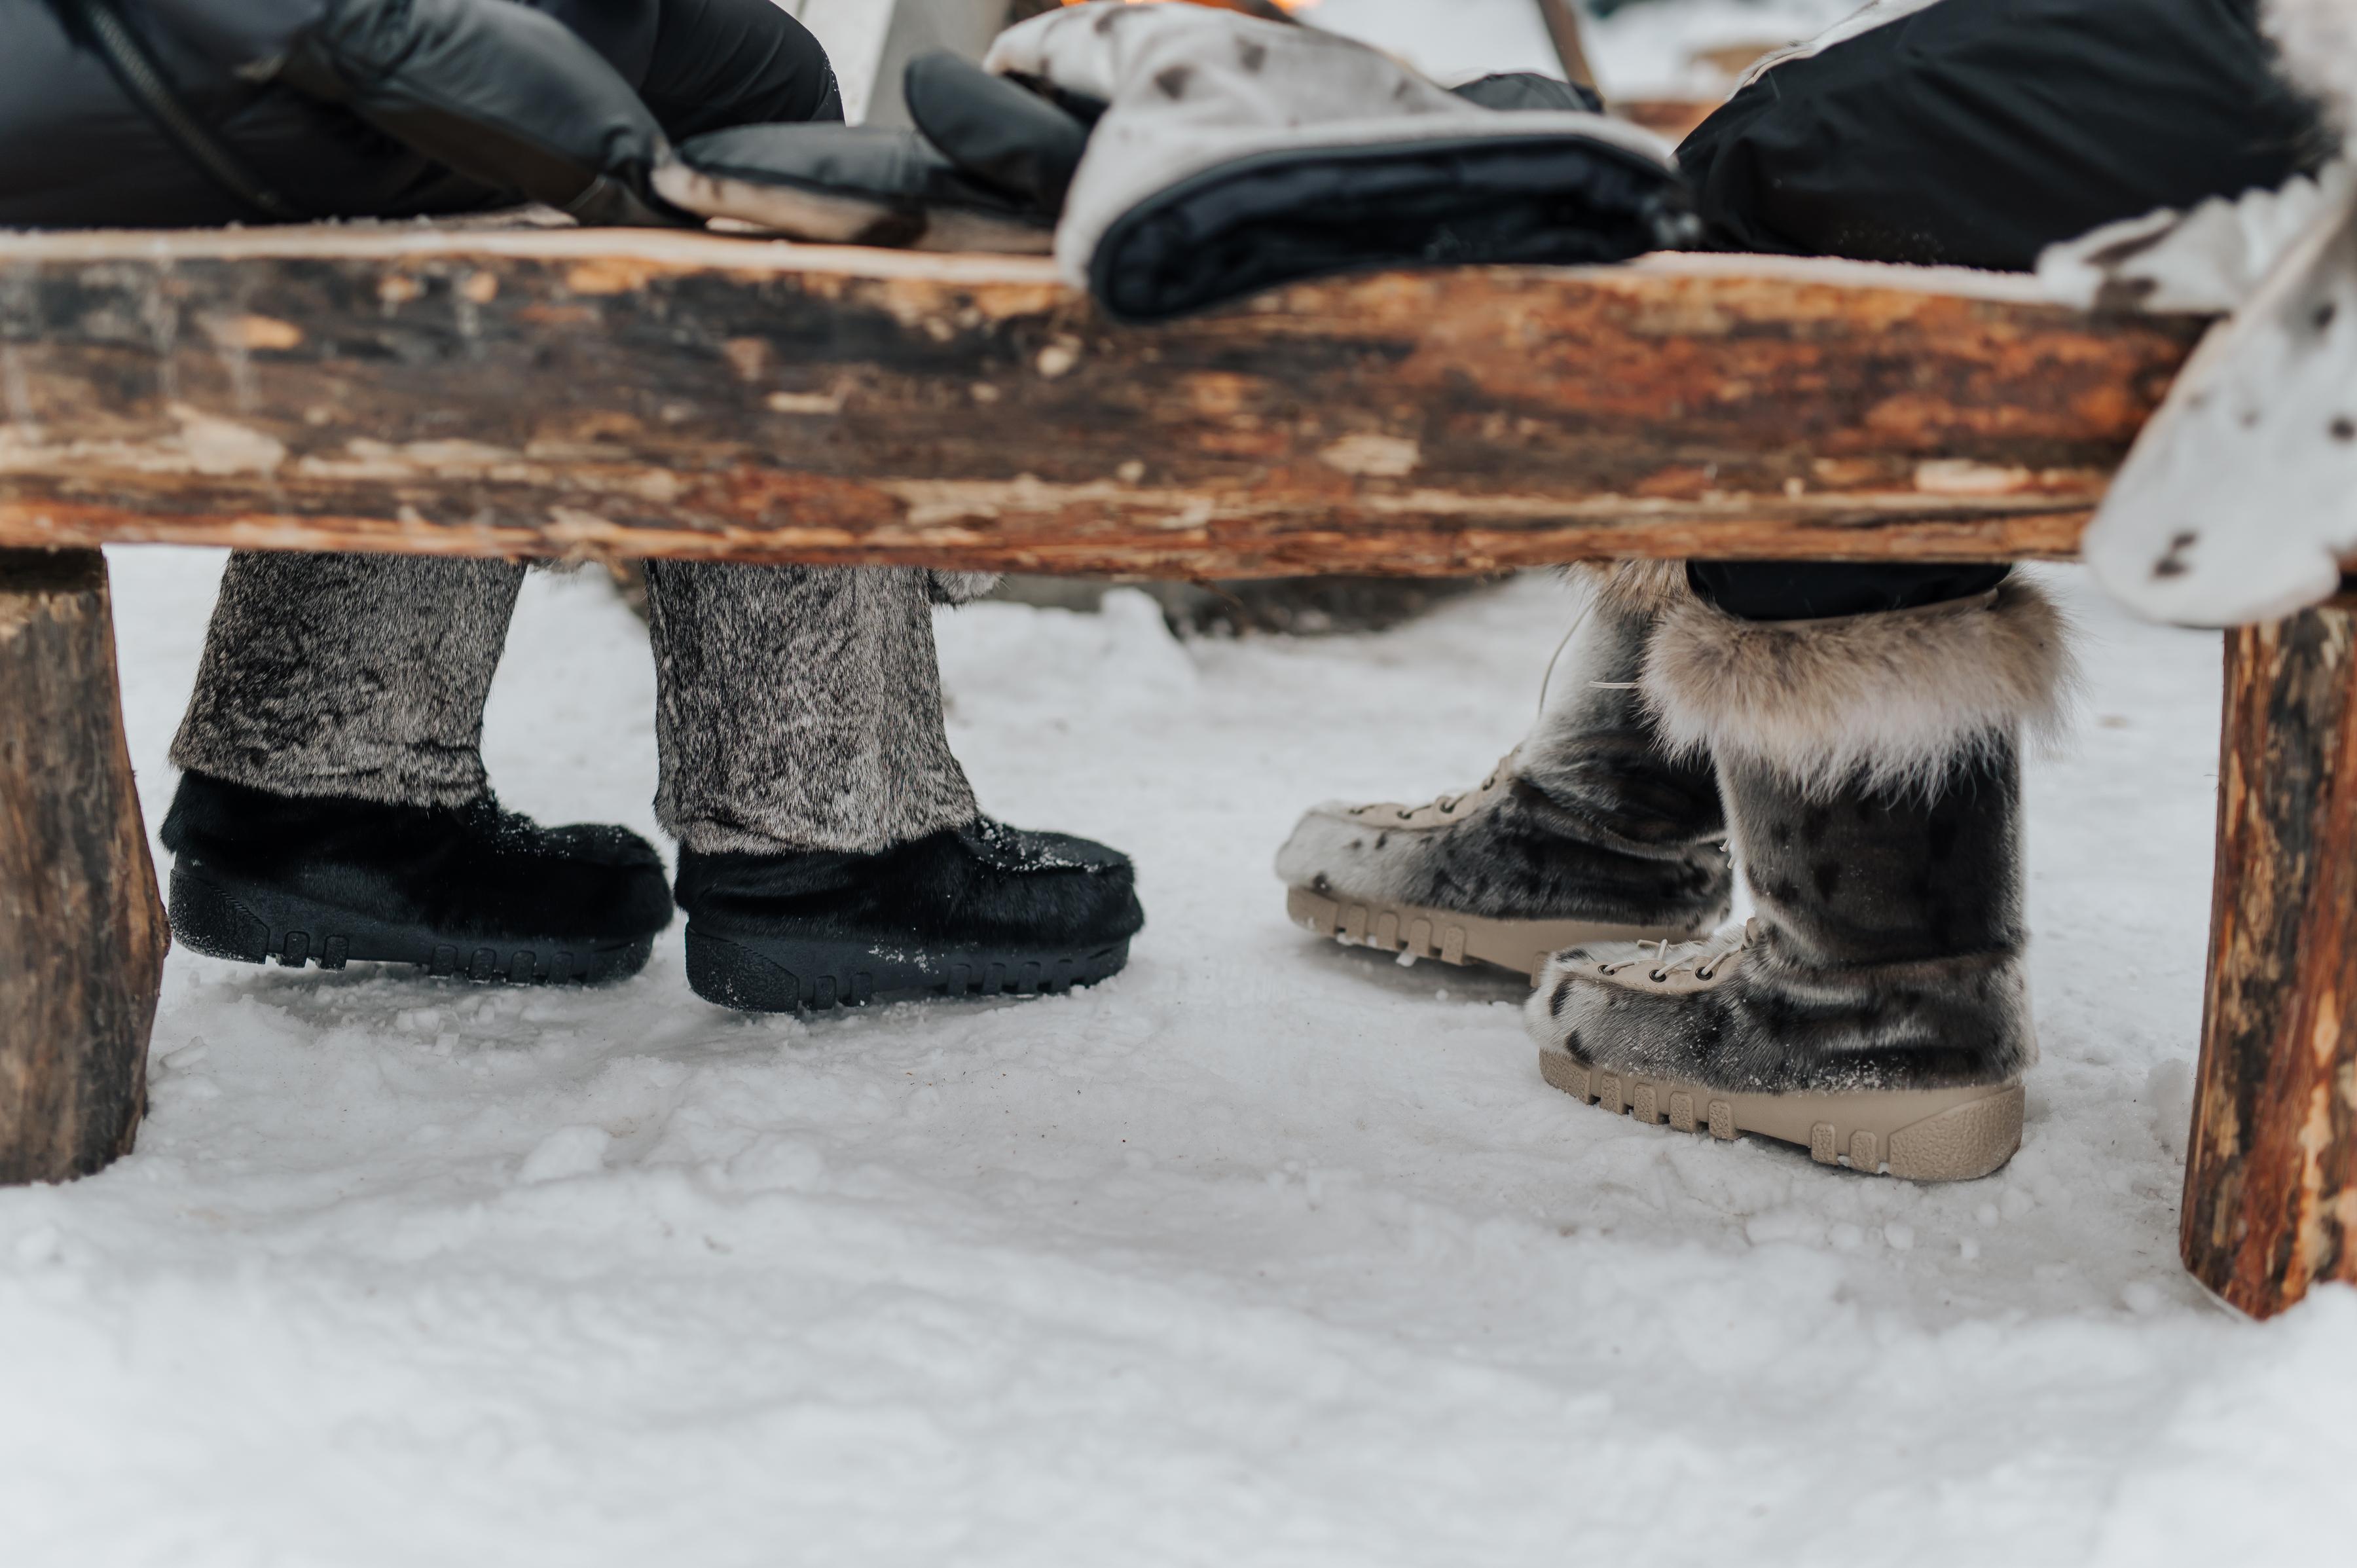 Avoir les pieds au chaud